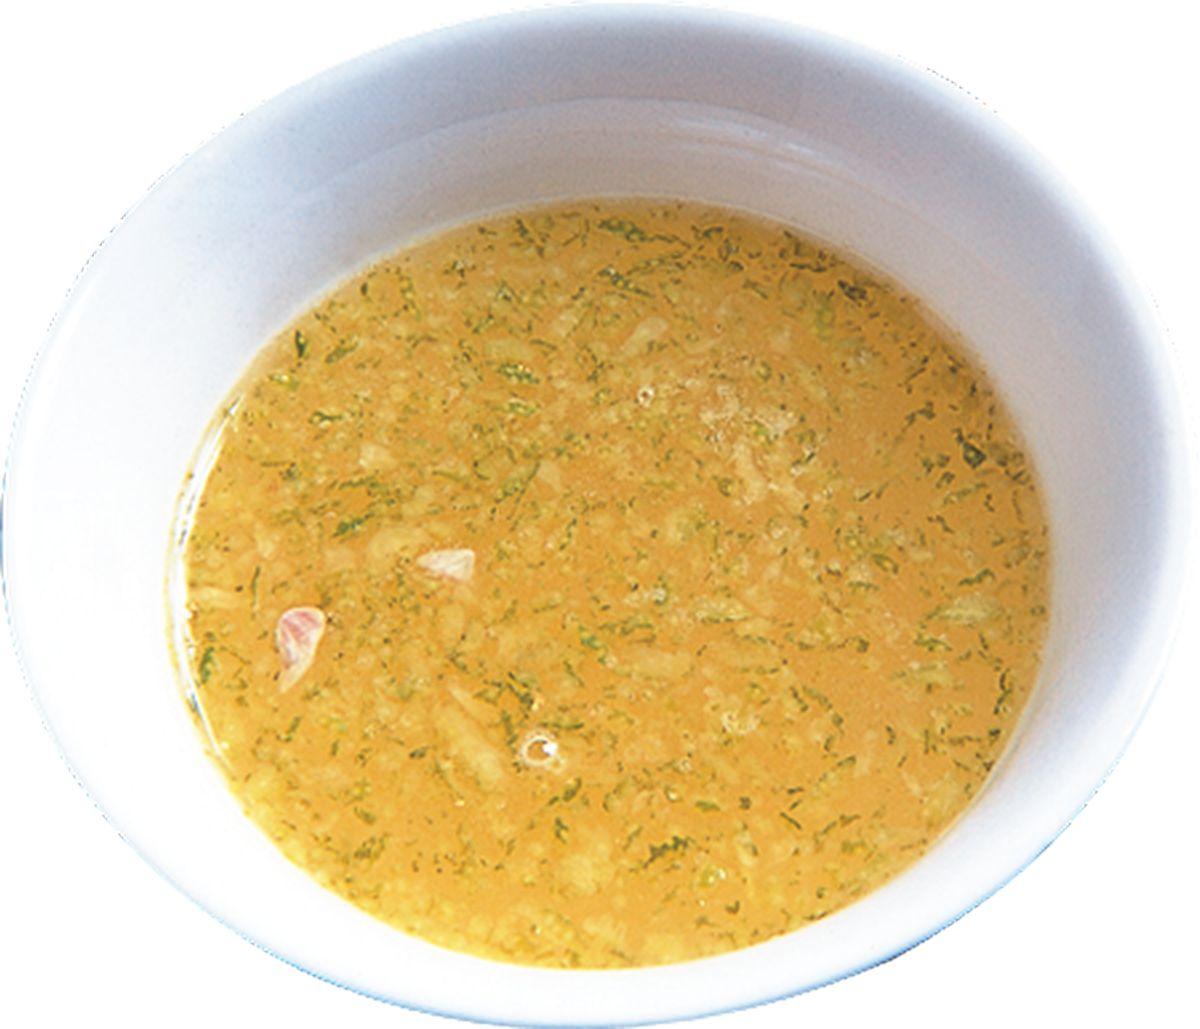 食譜:香檸醃汁